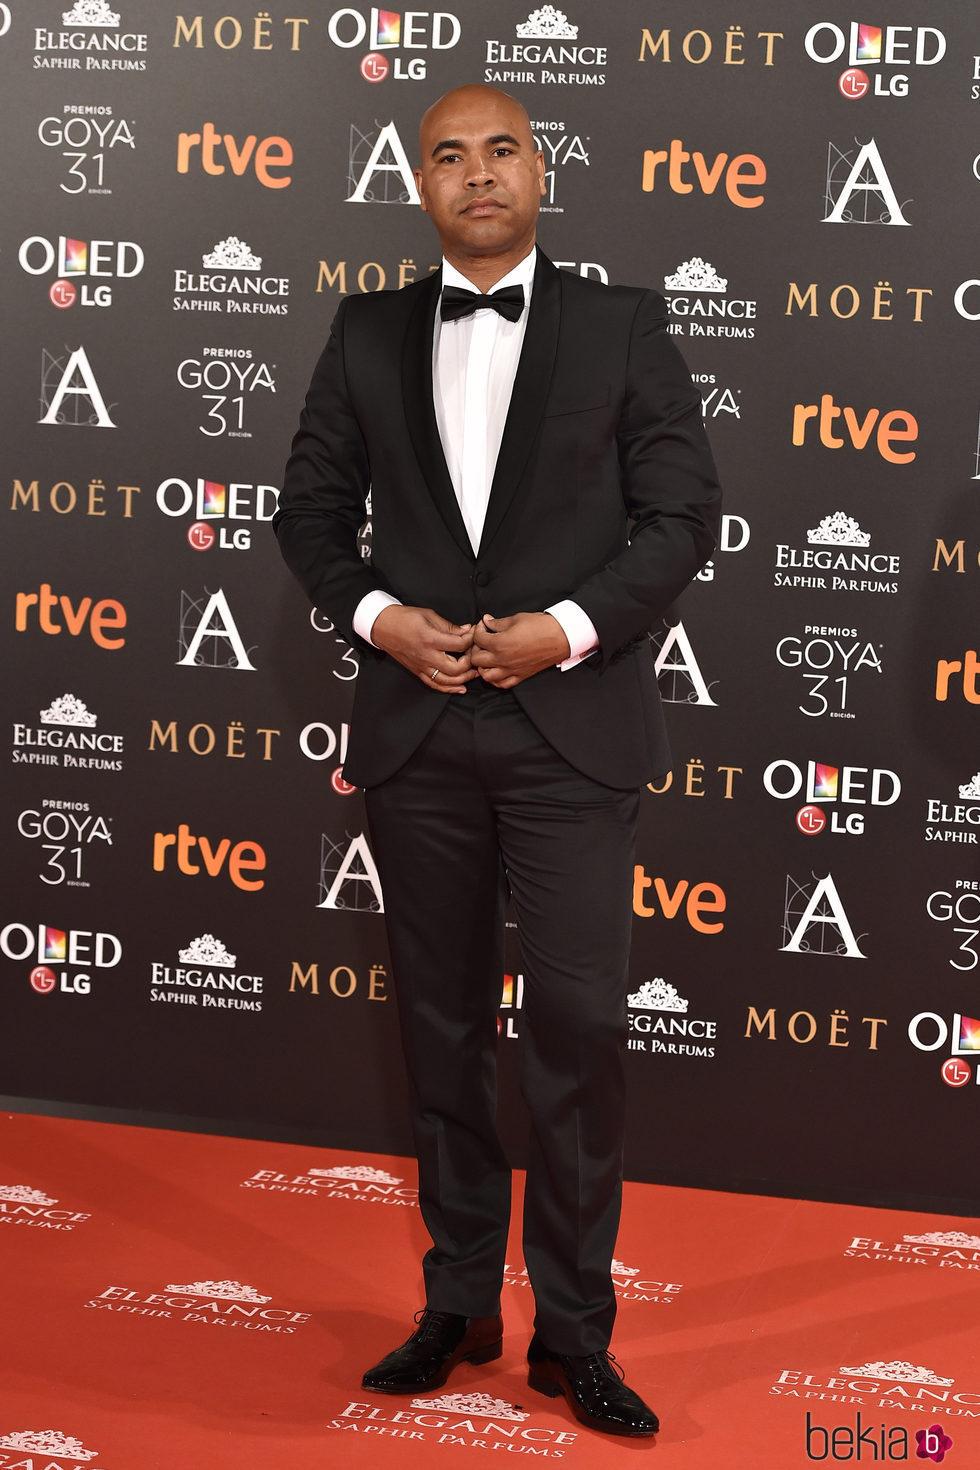 Santiago Zannou en la alfombra roja de los Premios Goya 2017